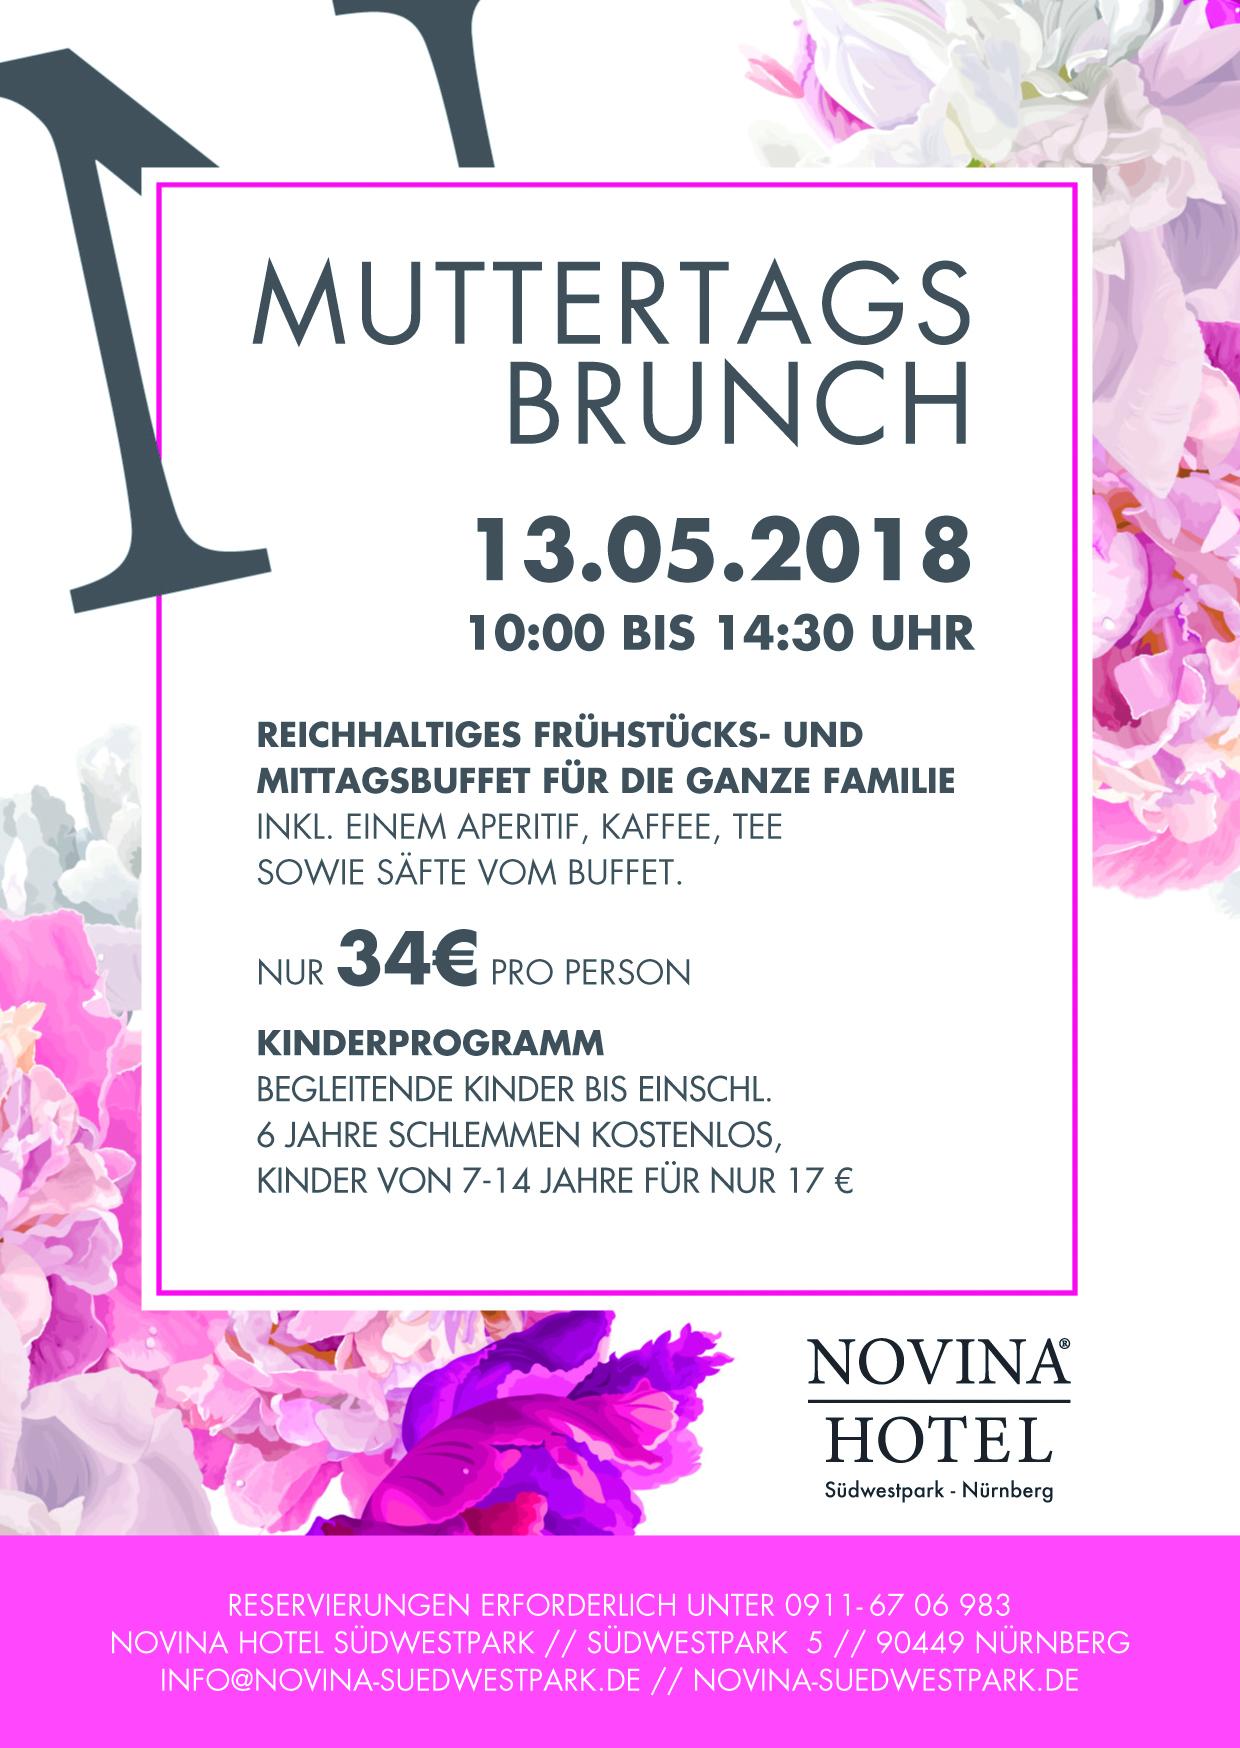 Südwestpark Nürnberg – Restaurant/ Bar – NOVINA HOTELS